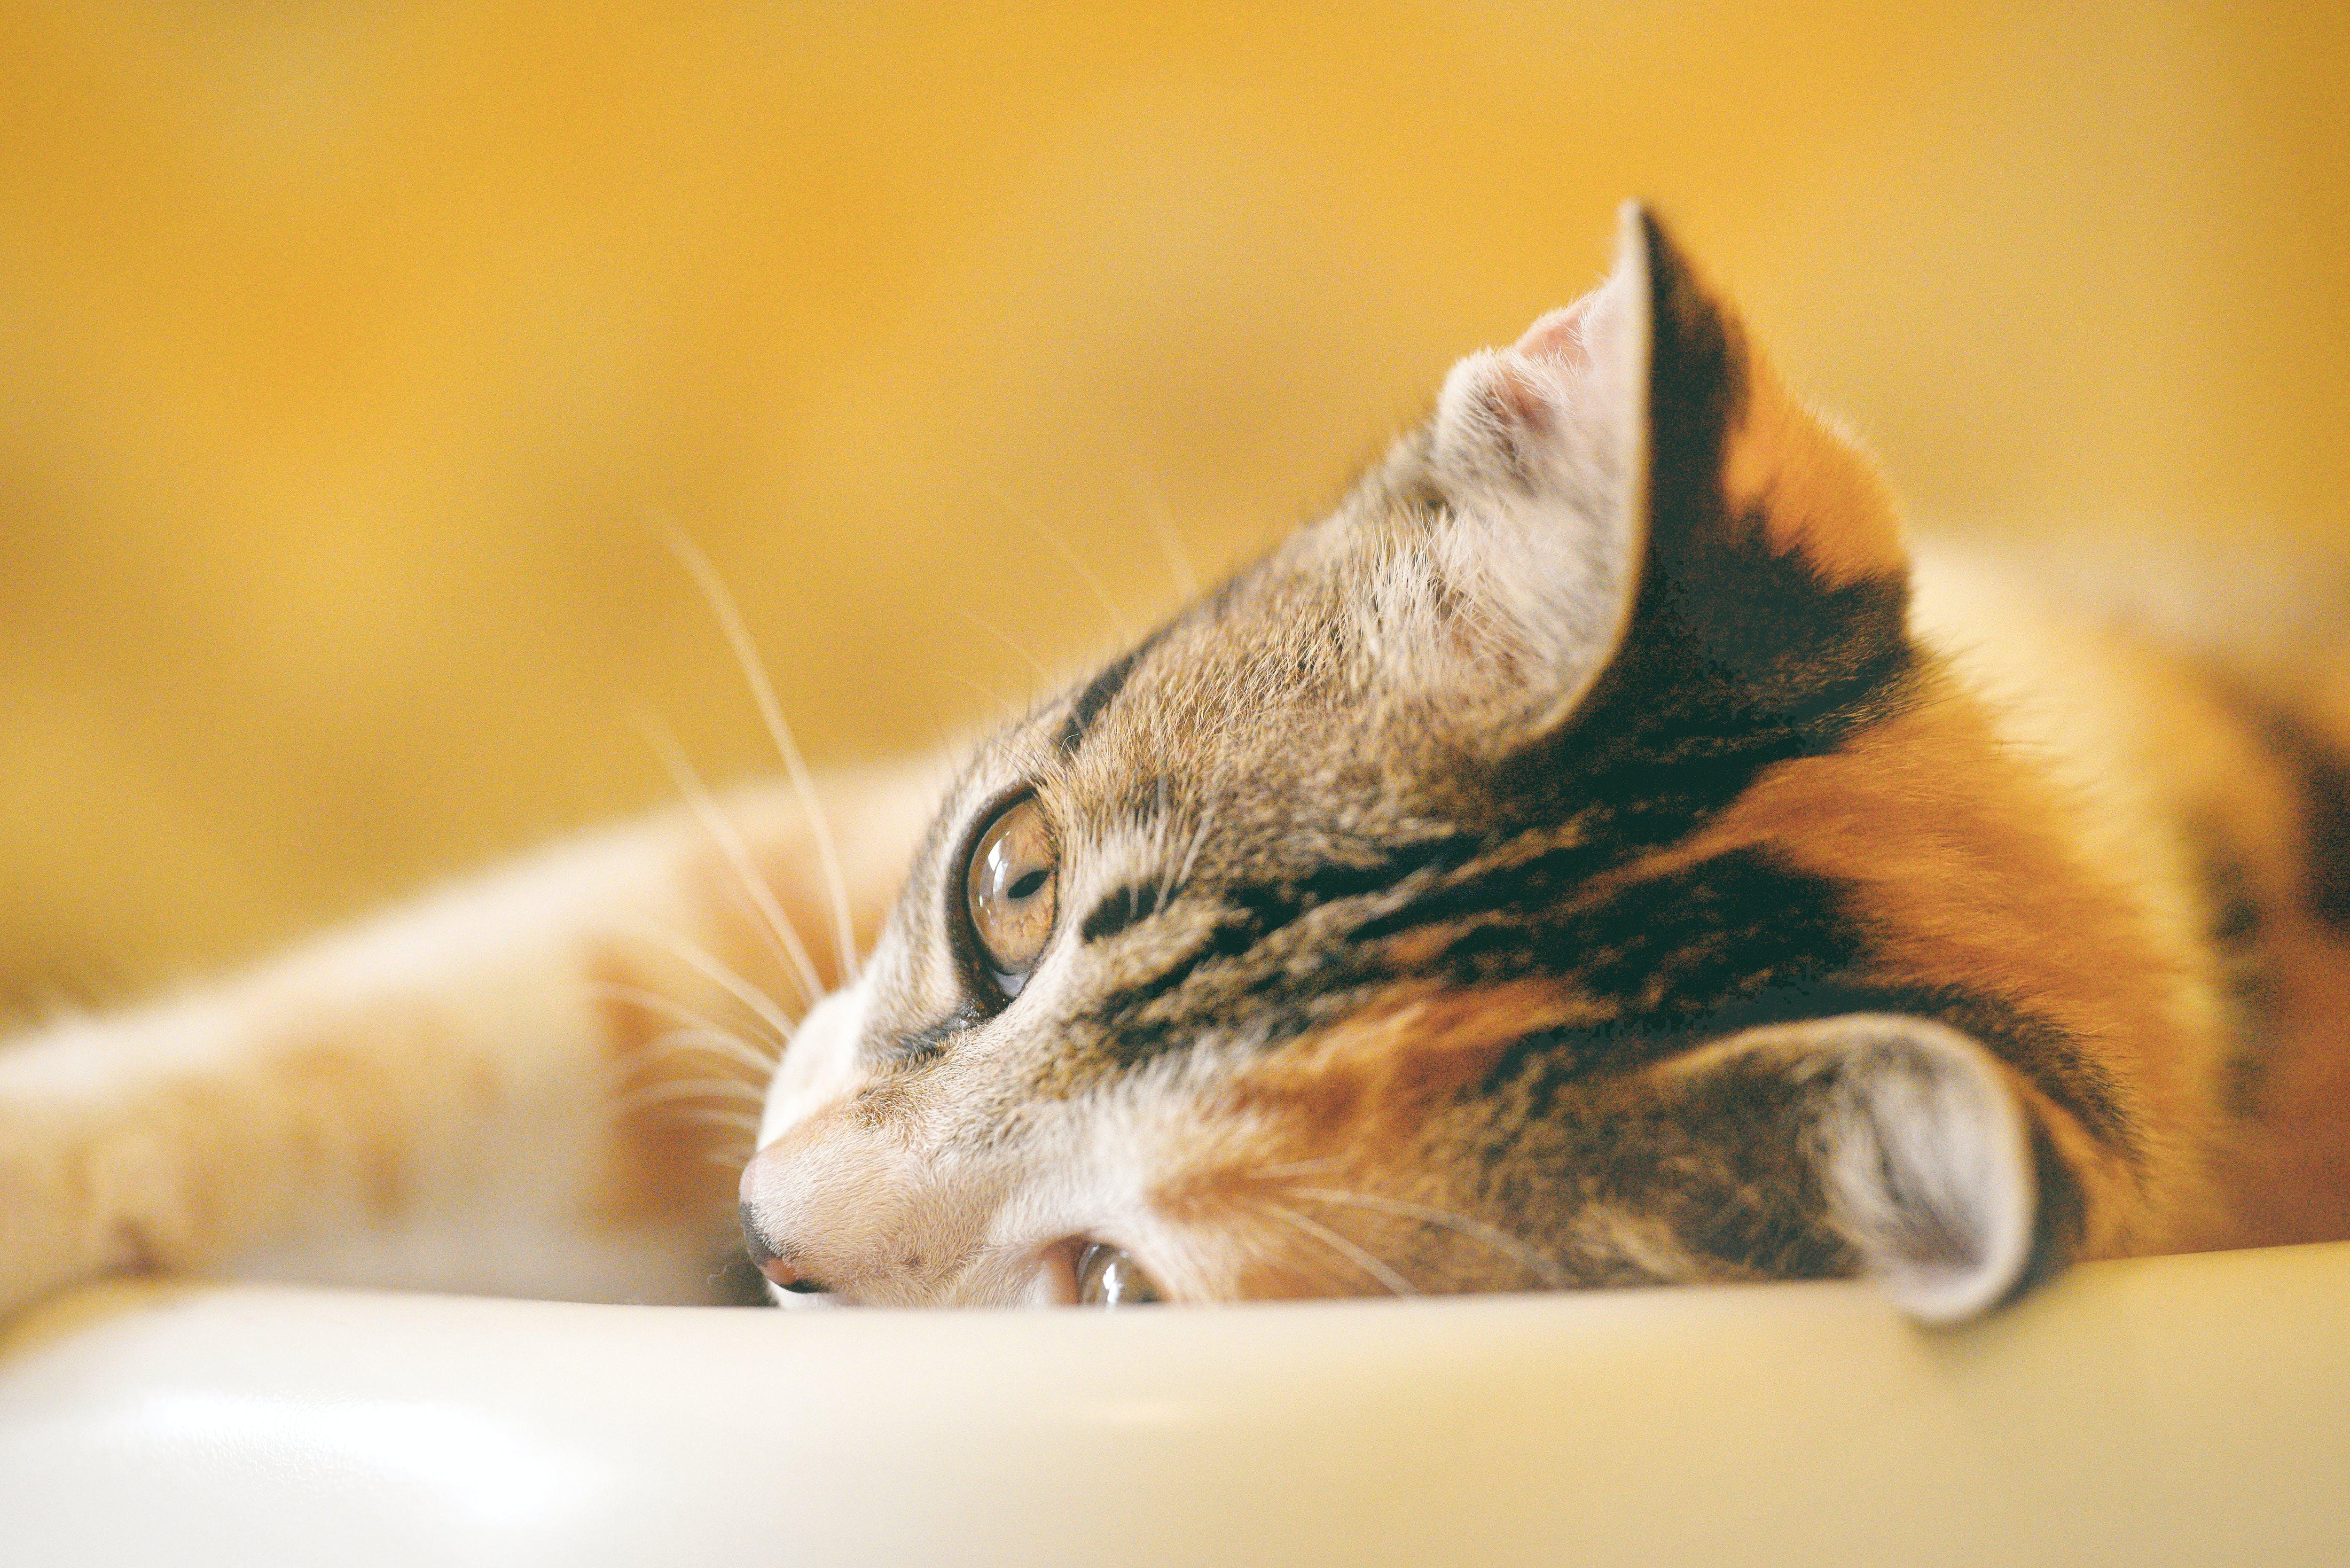 고양이, 귀여운, 동물, 모피의 무료 스톡 사진